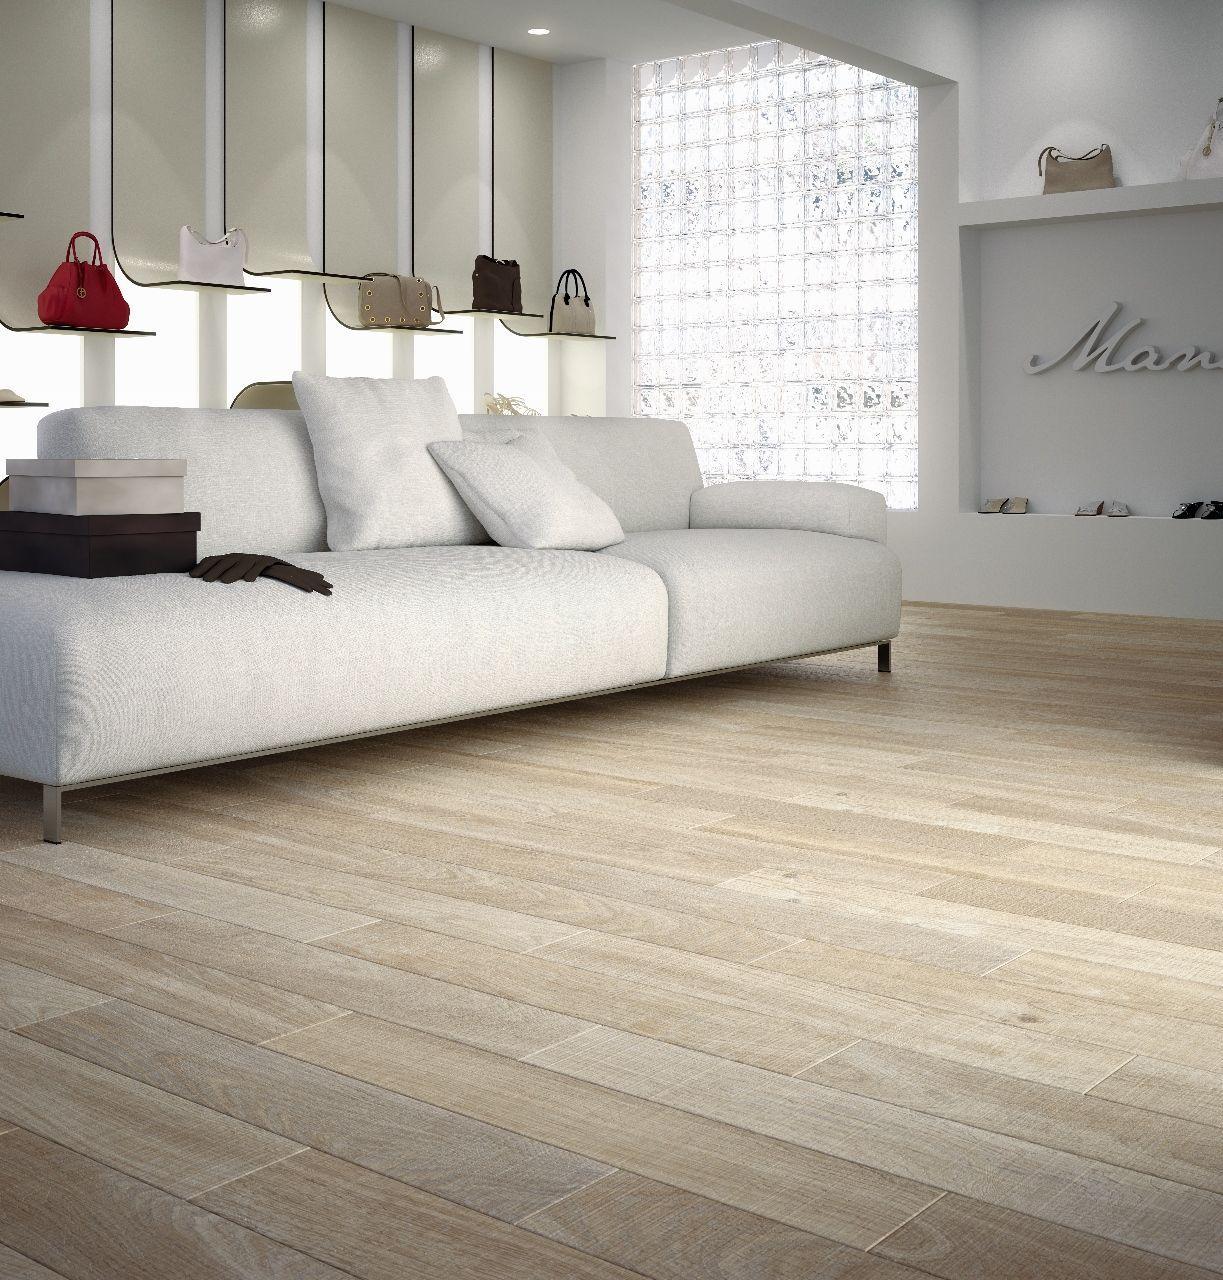 Grespania Amazonia Fresno 15×80 Porcelain Wood Effect Floor Tile  # Muebles Nikea Campello